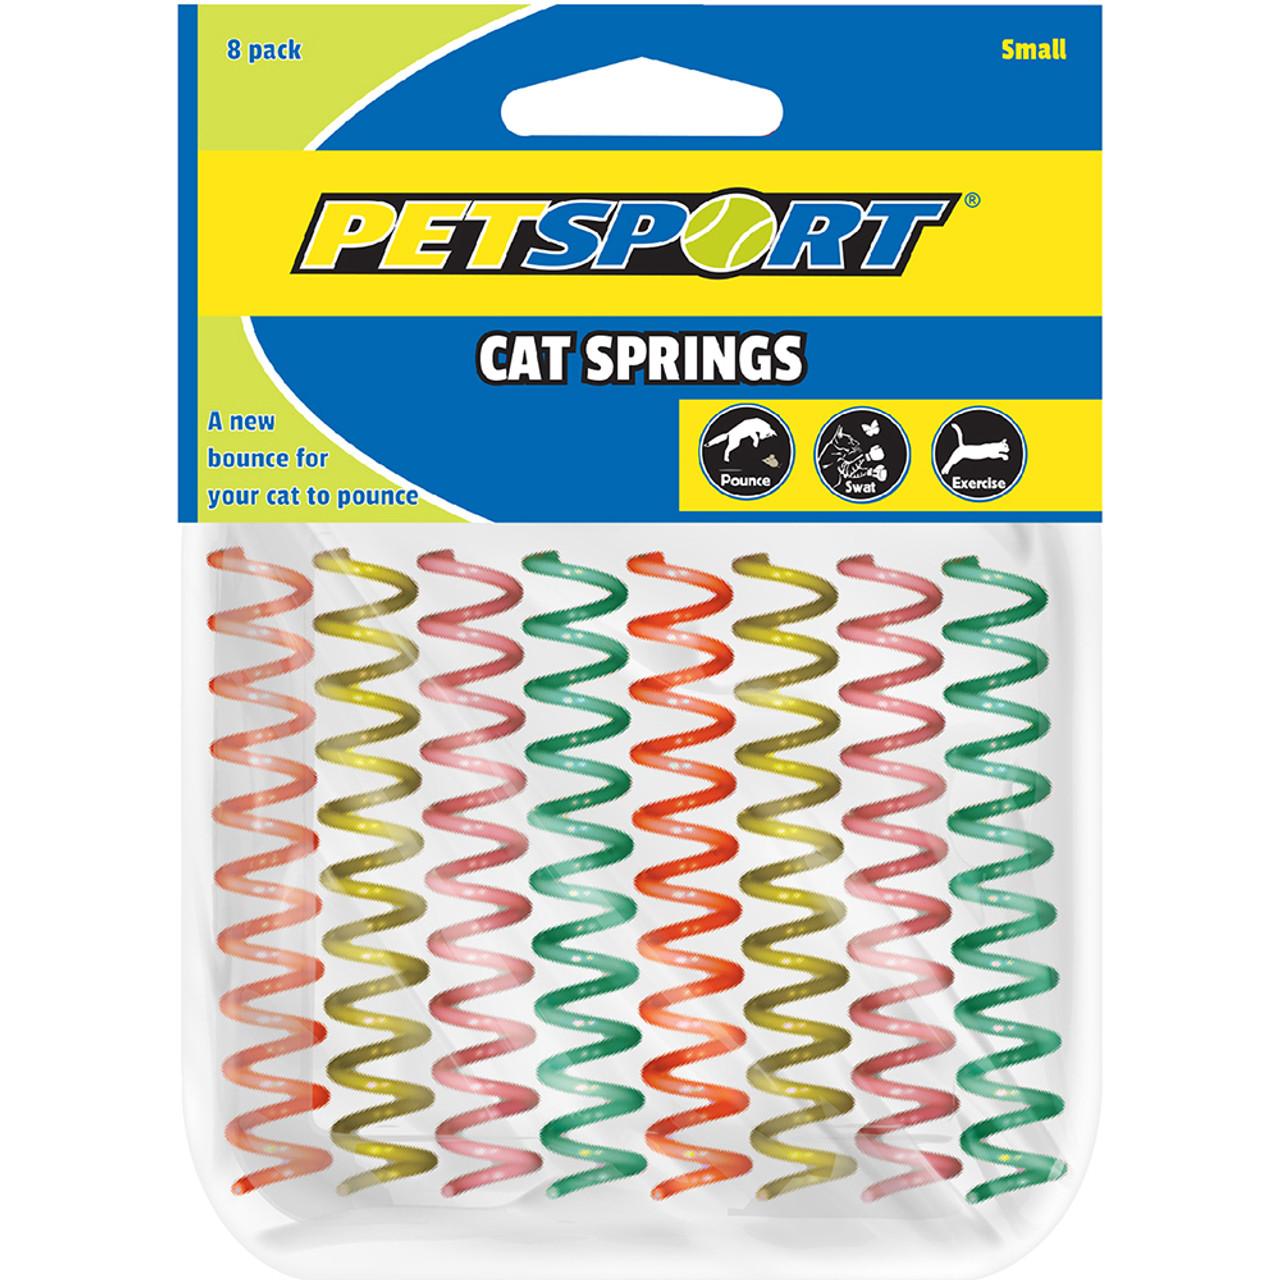 Petsport Cat Springs Cat Toy